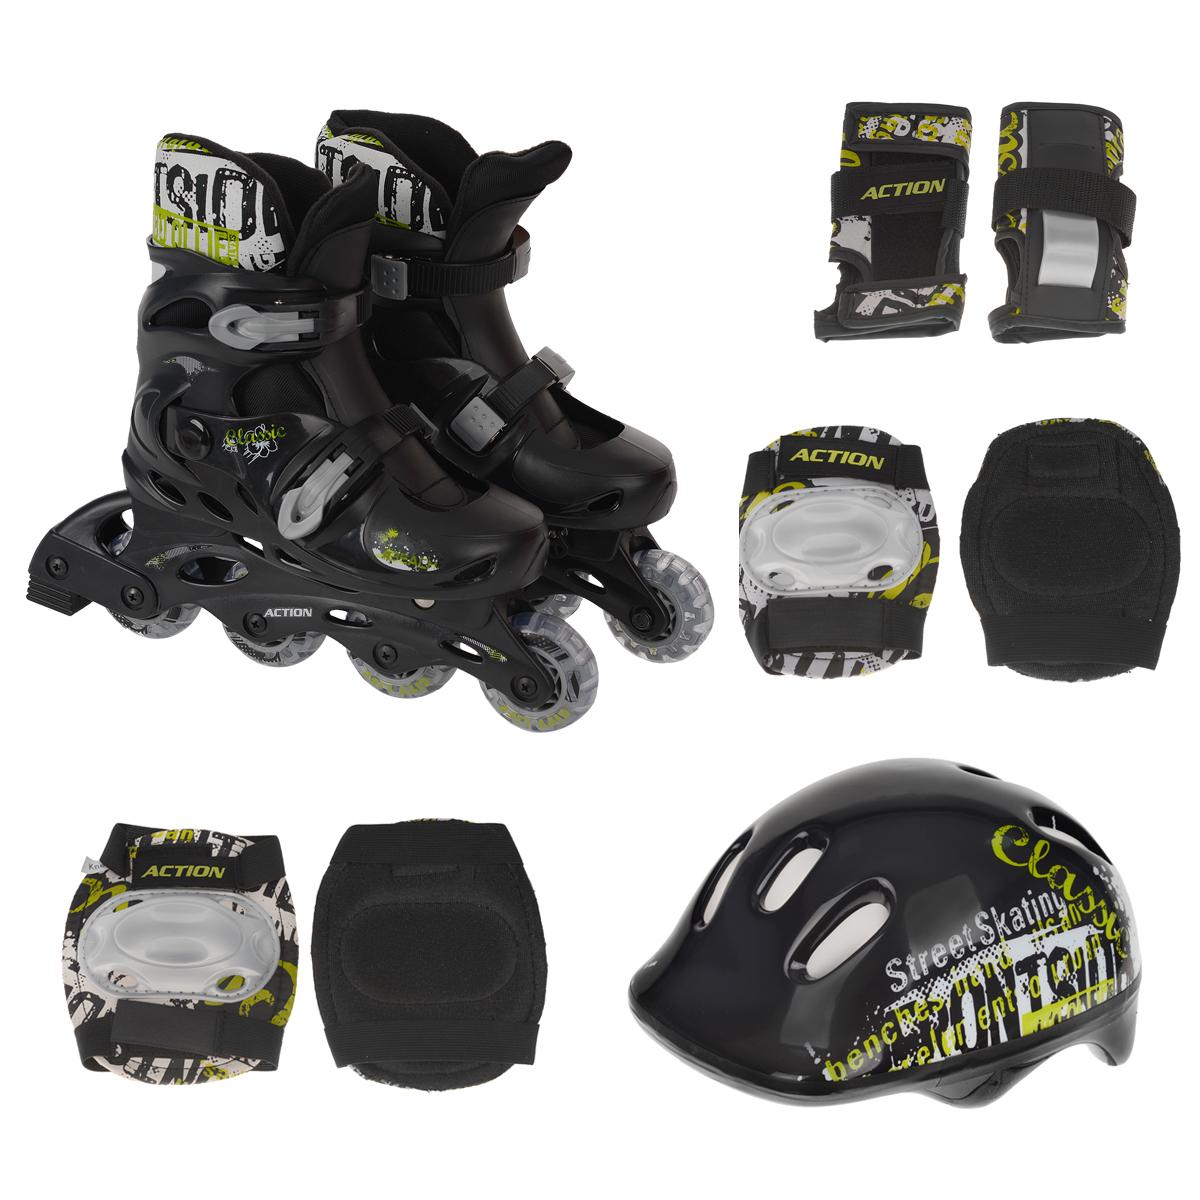 Набор Action: коньки роликовые, защита, шлем, цвет: черный. PW-120B. Размер 31/34PW-120BРаздвижные коньки Action - это роликовые коньки любительского класса для детей и постоянно растущих подростков, предназначены для занятий спортом и активного отдыха.Коньки имеют пластиковый ботинок со съемным сапожком с раздвижным механизмом, что обеспечивает хорошую посадку и пластичность, а для еще более комфортного катания ботинки коньков оснащены двумя клипсами с фиксаторами. Облегченная, анатомически облегающая конструкция обеспечивает улучшенную боковую поддержку и полный контроль над движением.Рама изготовлена из пластика, а колеса из полиуретана с 608Z. Диаметр колес 64 мм. В каждой модели роликов есть тормоз. К роликам прилагается полный комплект защиты: шлем (из плотного пенопласта с верхним покрытием из пластика), защита рук, коленей, локтей. Двухкомпонентная система с внутренними вставками поглощает энергию удара, снимает нагрузку с суставов и снижает риск получения травм. Все это упаковано в специальную сумку-переноску с прозрачными окном. Роликовые коньки - это прекрасная возможность активного время провождения, отличный способ снять напряжение после трудового дня, пообщаться с друзьями, завести новые знакомства и повысить свою самооценку. При выборе роликовых коньков следует заботиться не о цвете, внешнем виде или фирме-производителе, а о том, чтобы вам и вашему ребенку было удобно и комфортно в выбранной модели, и чтобы нога надежно и плотно фиксировалась в коньке, но в то же время ее ничто не стягивало. Нельзя покупать ролики на пять размеров больше, но и нельзя покупать размер в размер. Ролики должны быть на один, максимум два размера больше ноги. УВАЖАЕМЫЕ КЛИЕНТЫ!Обращаем ваше внимание на различие в количестве колес в зависимости от размеров роликов: ролики размером 31/34 поставляются с 3 колесами, размером 35/38 - с 4.